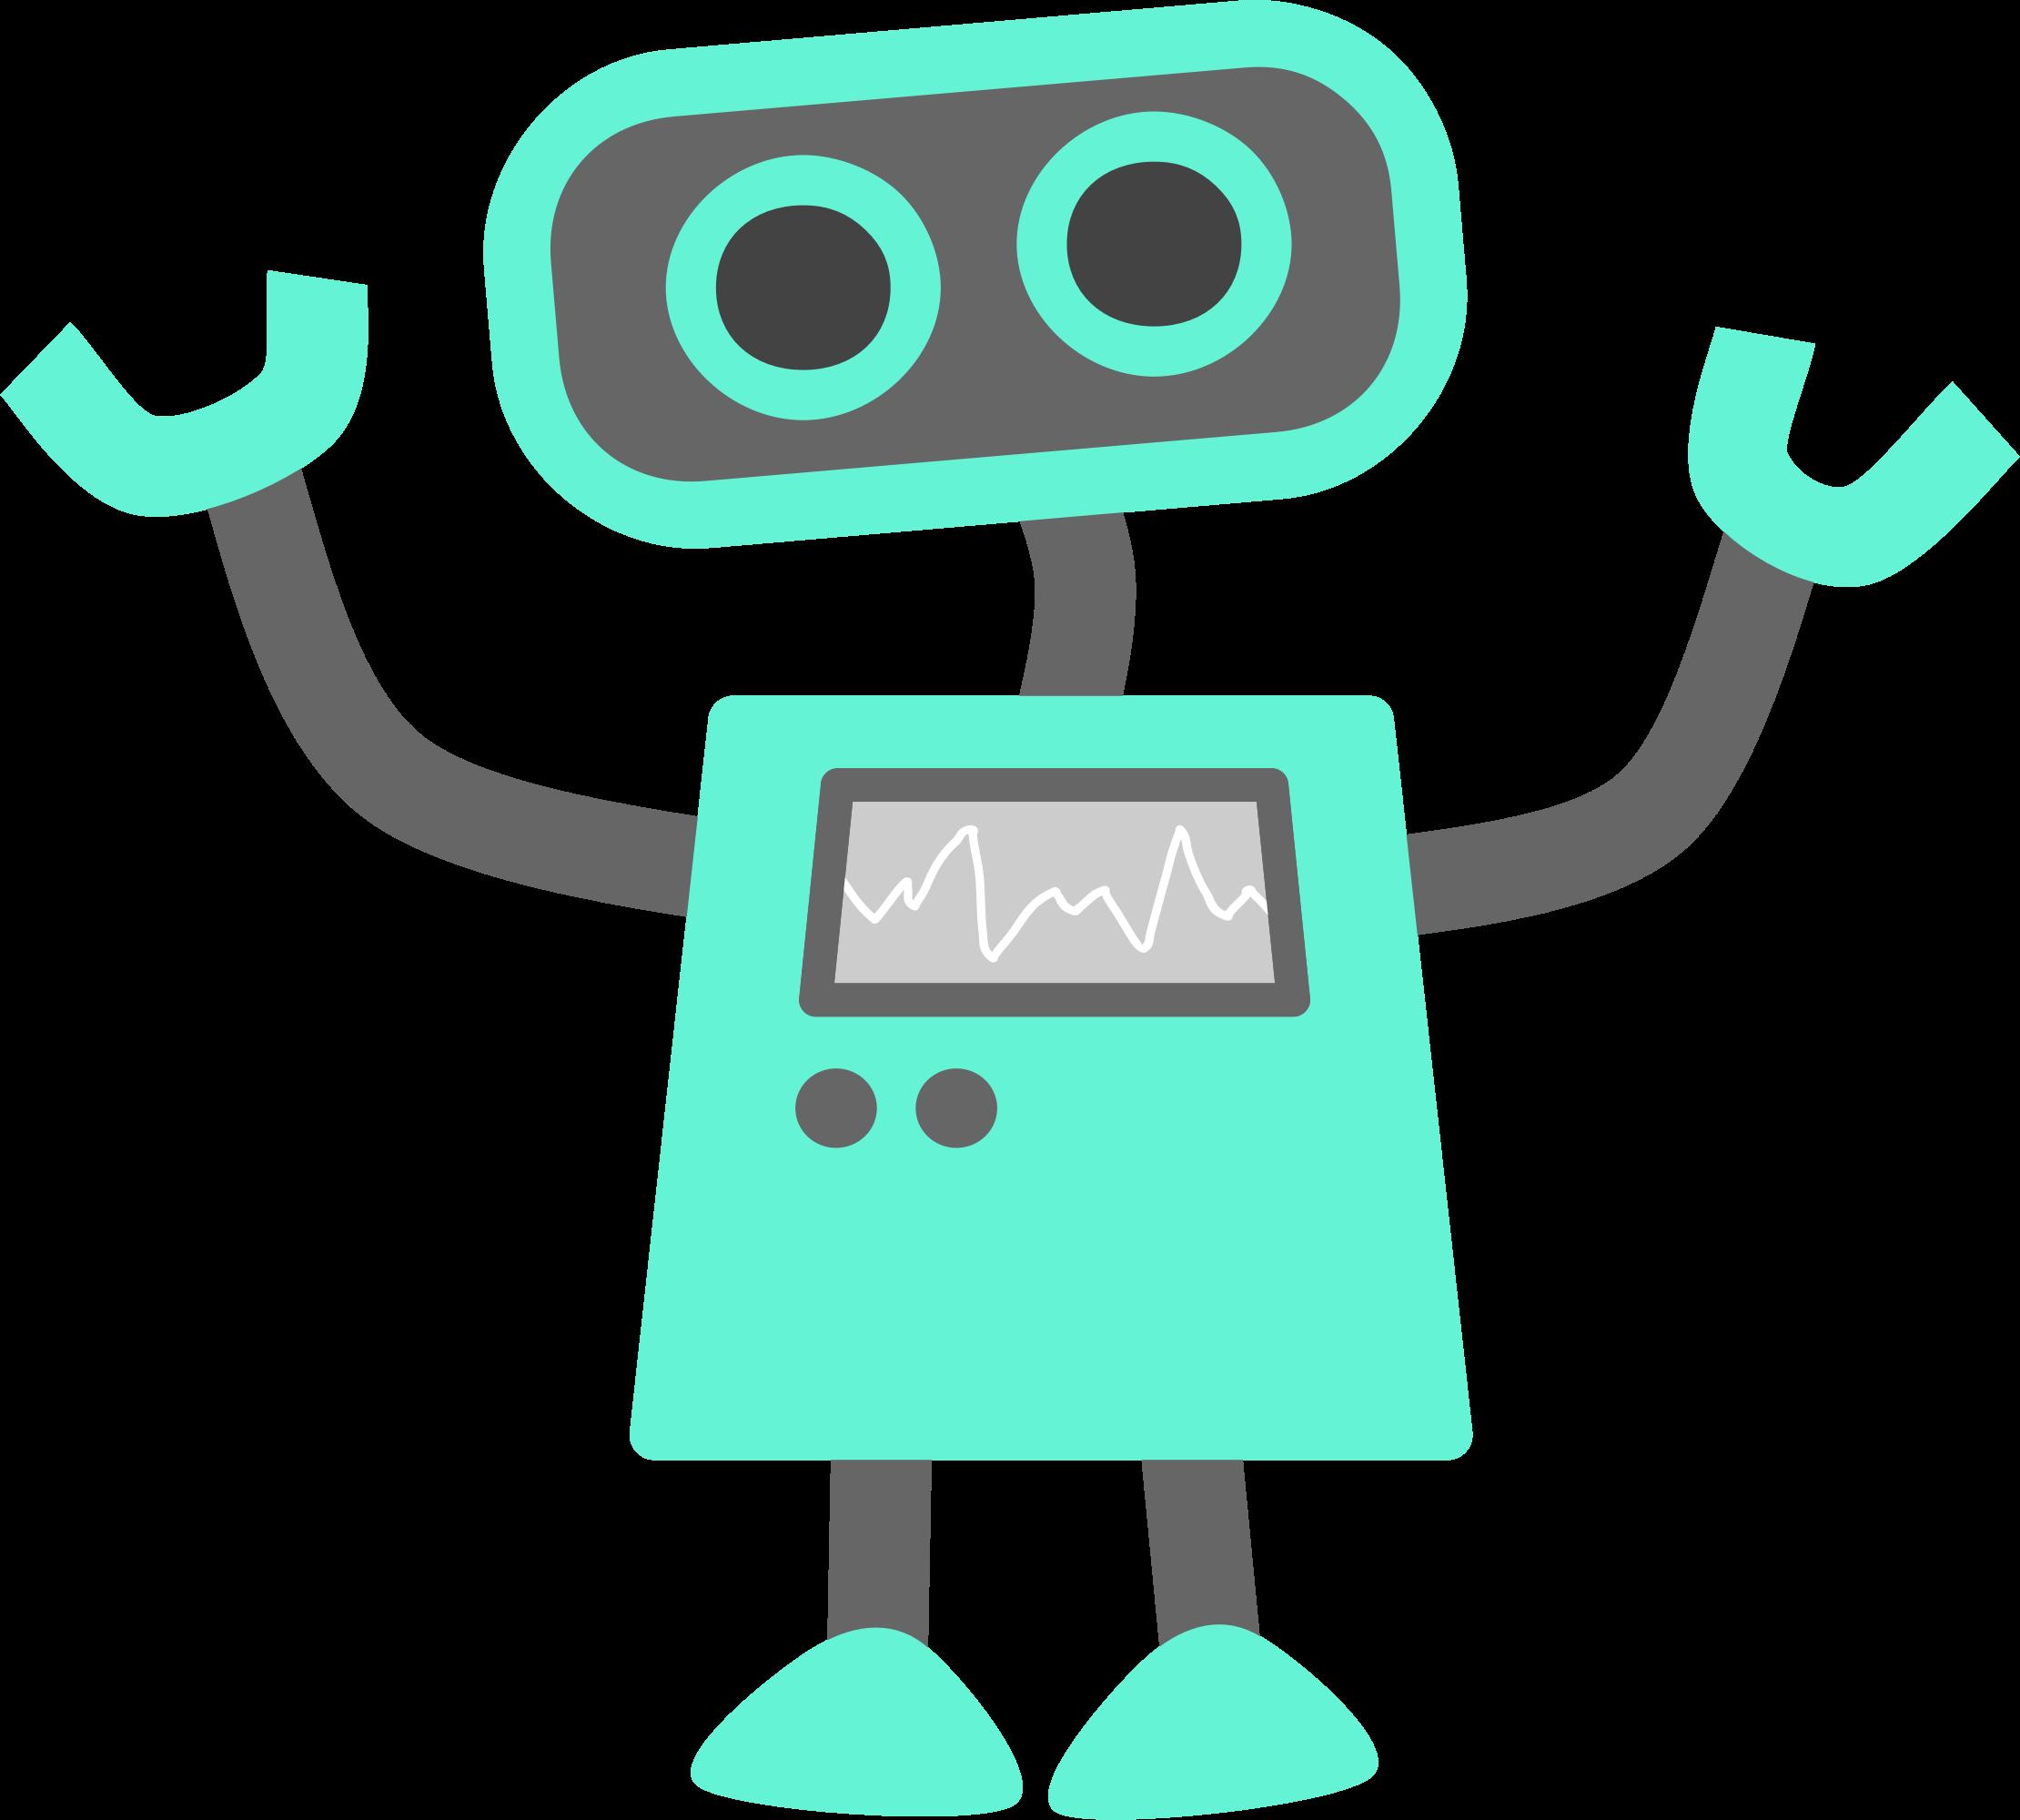 blue-robot-vector-art.png